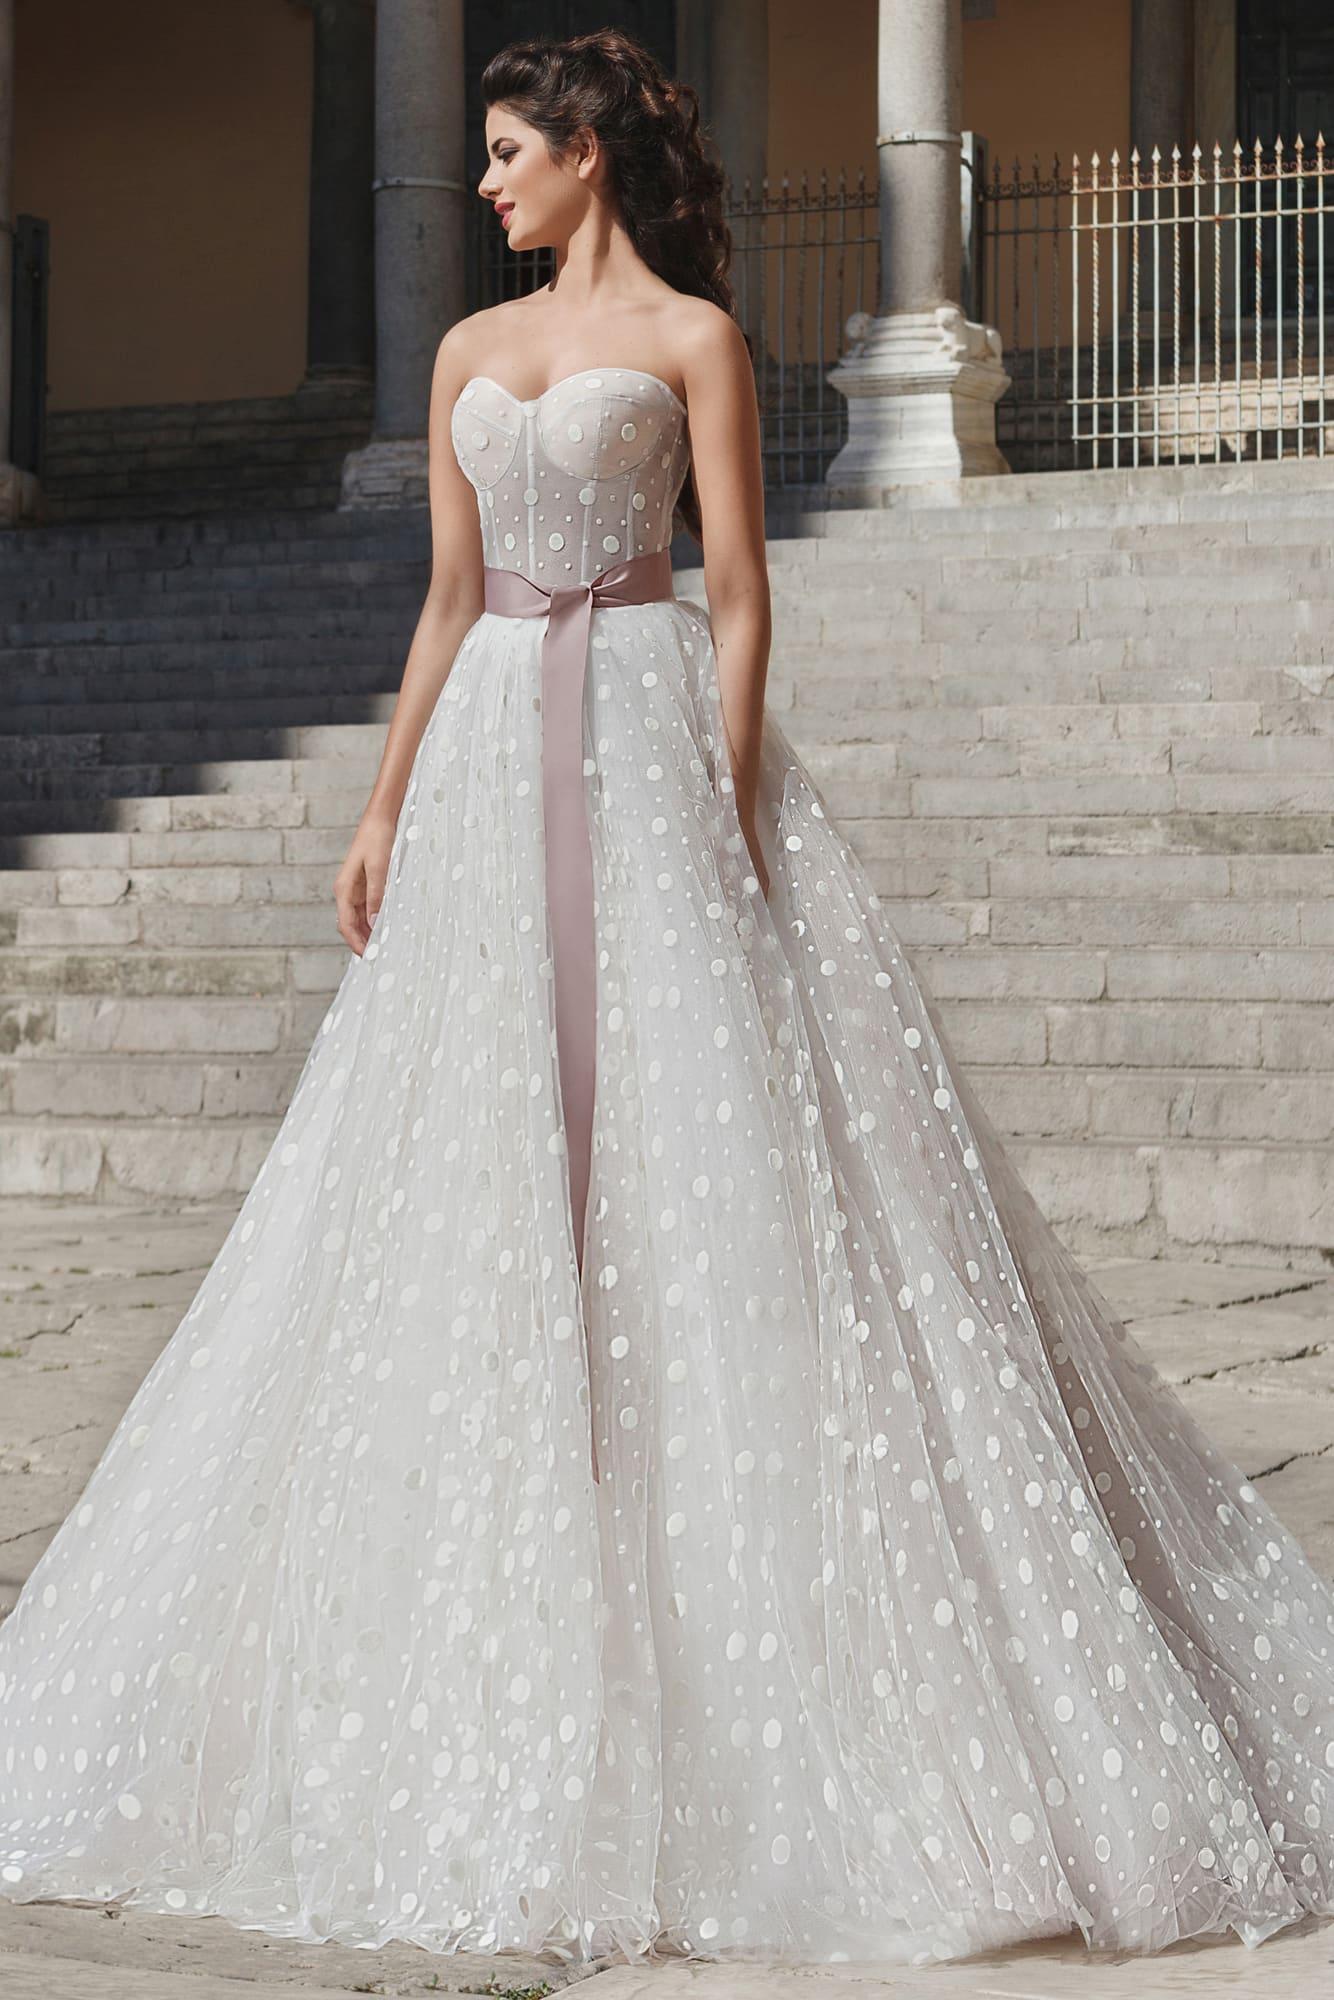 3528668012a Пышное свадебное платье с женственным лифом и широким розовым поясом из  атласа.